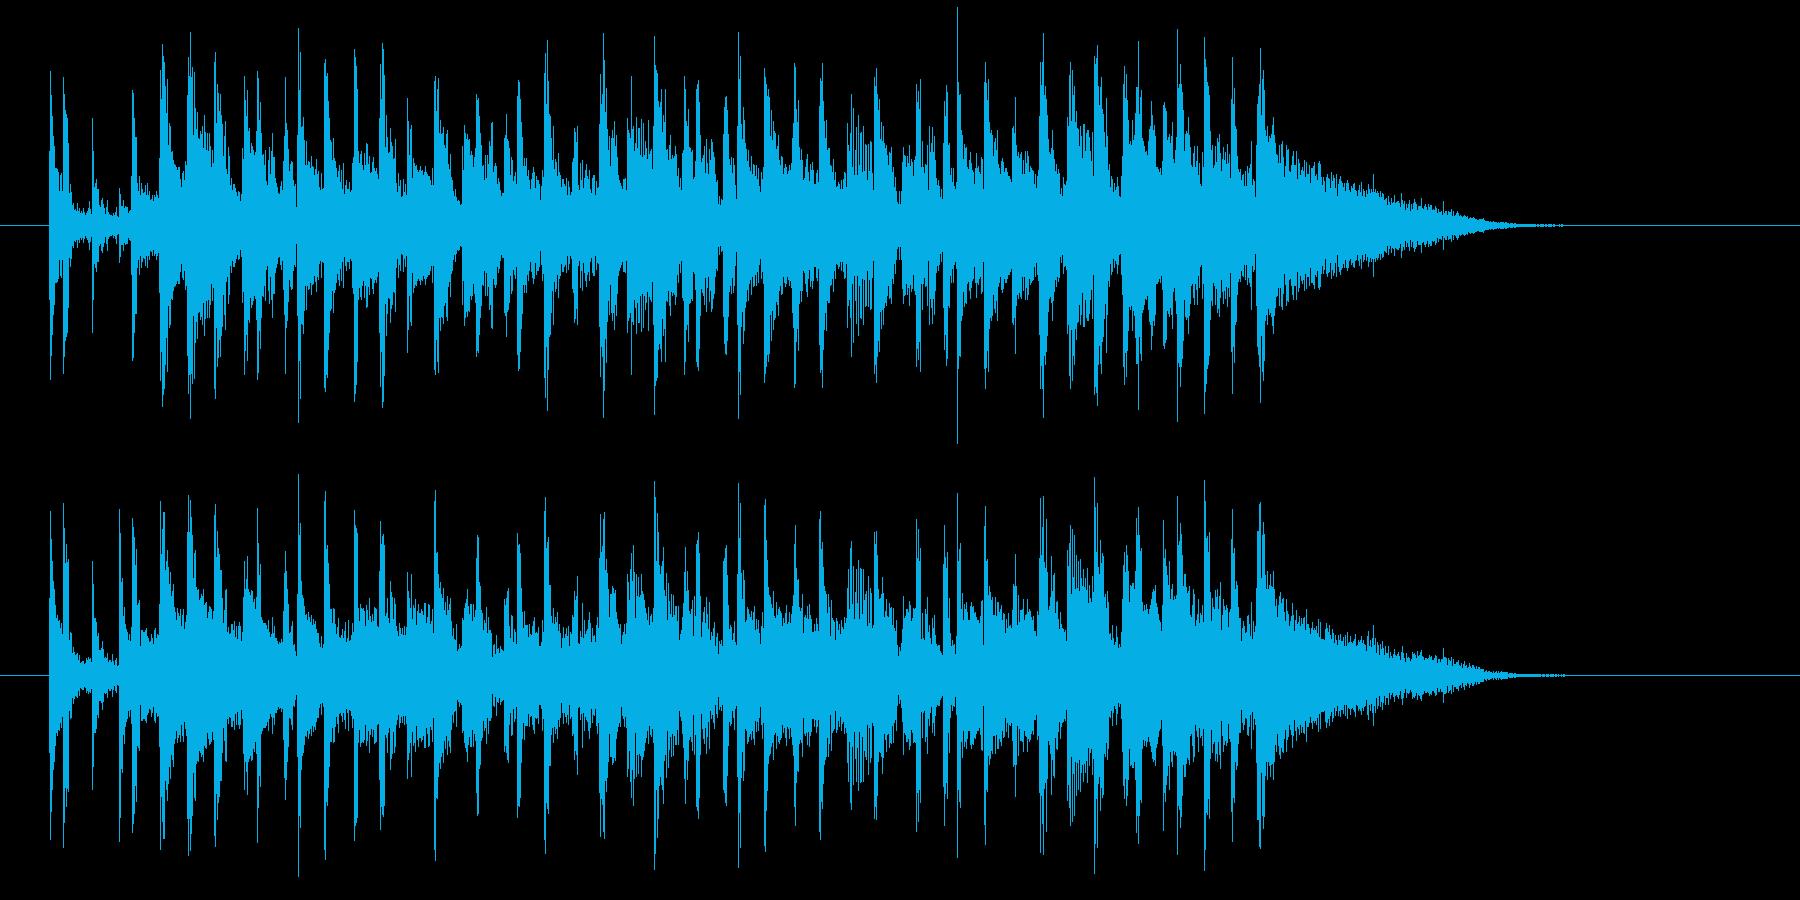 アップテンポな明るい音楽の再生済みの波形